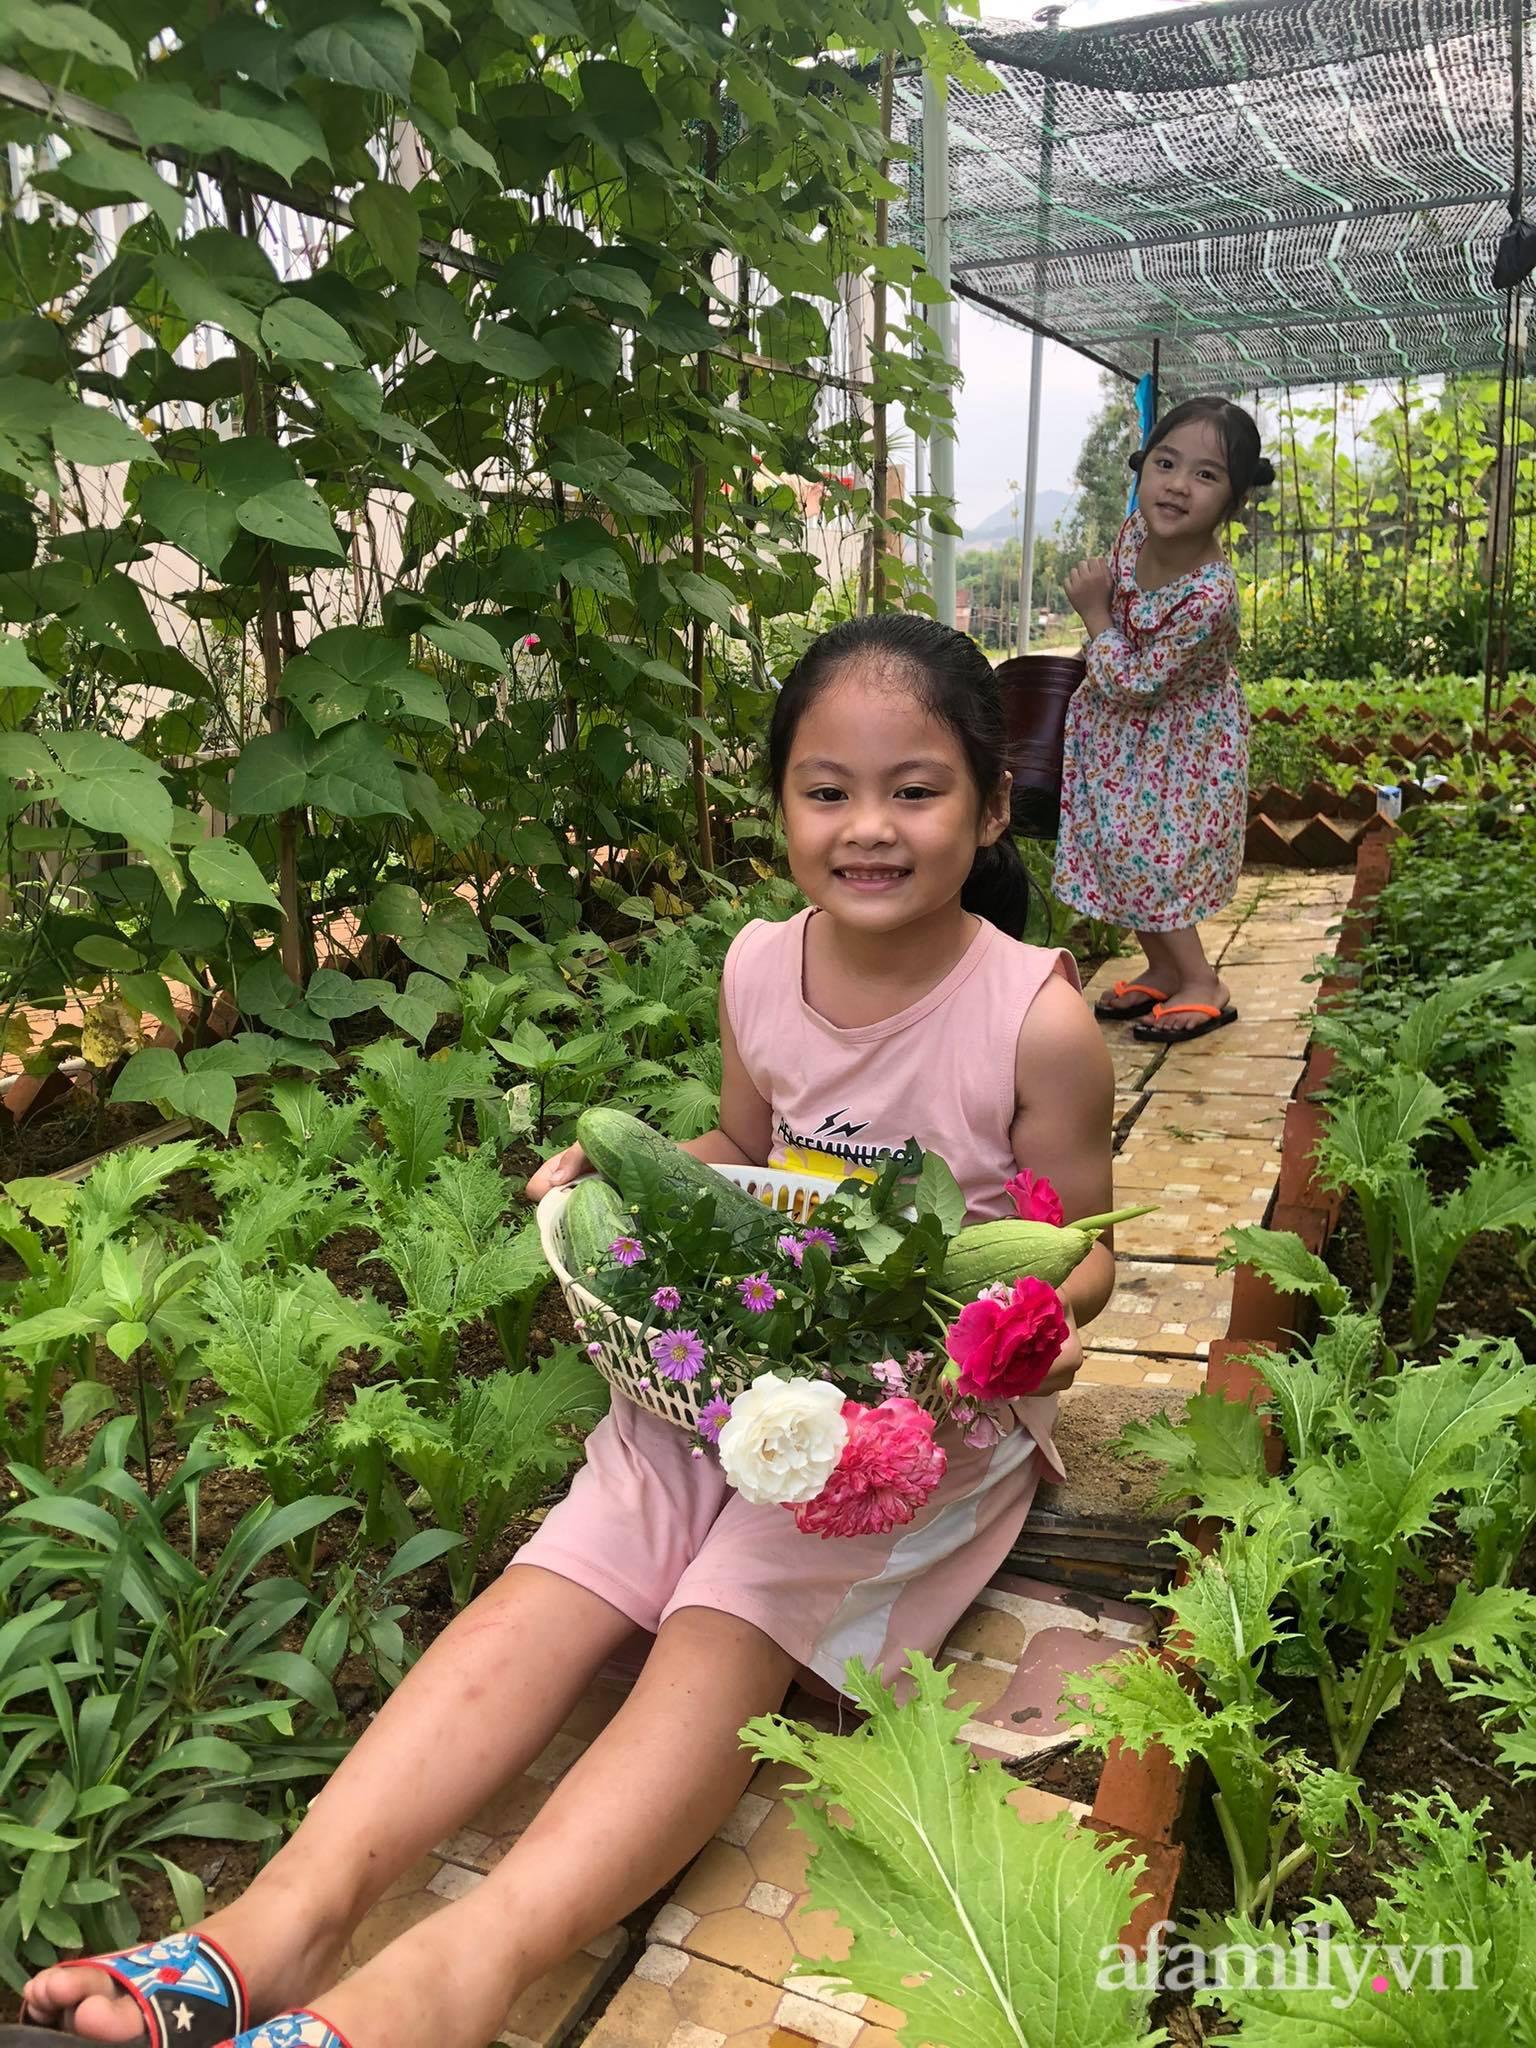 Vườn 500m² được quy hoạch khoa học để trồng đủ các loại rau quả sạch của mẹ đảm ở Quy Nhơn - Ảnh 3.